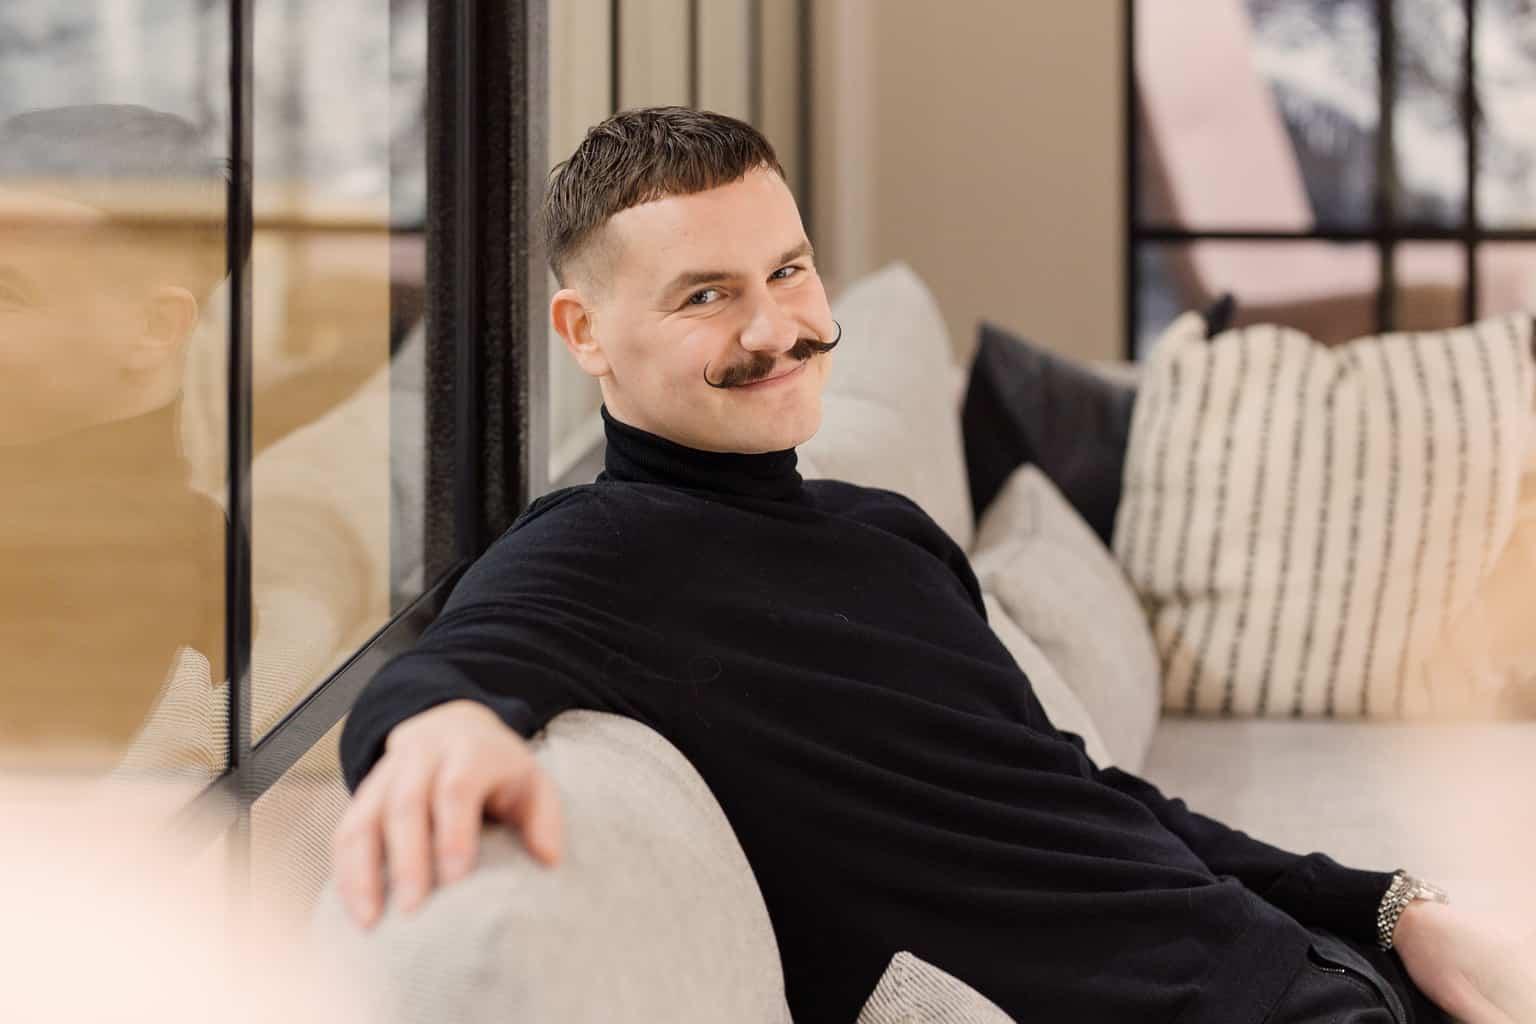 Mikko Launiainen